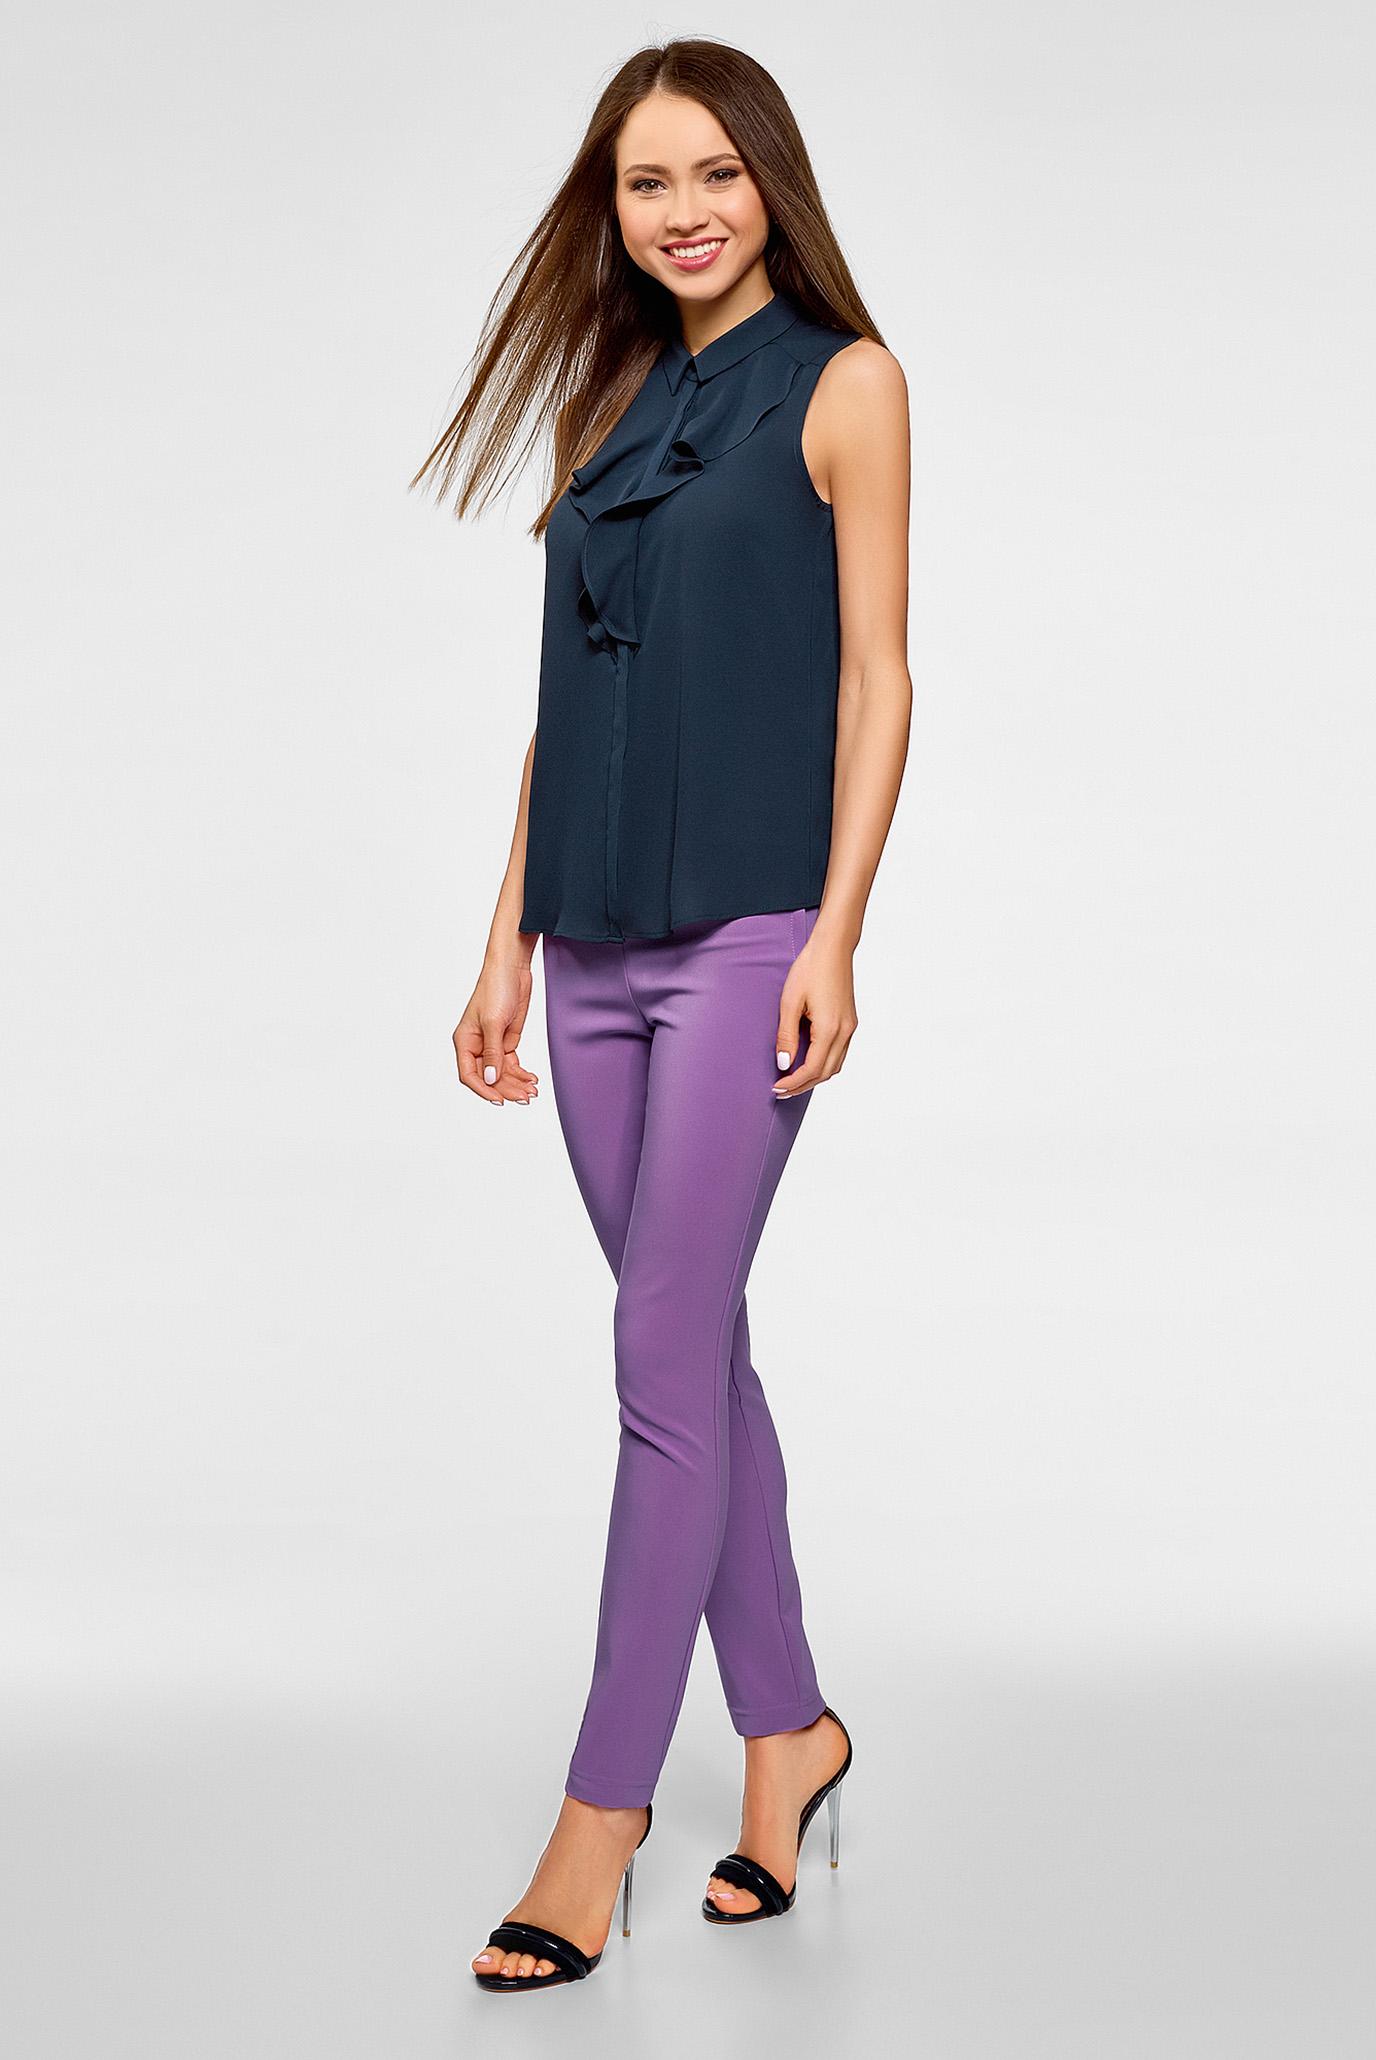 Купить Женская темно-синяя блуза Oodji Oodji 24911001B/36215/7900N – Киев, Украина. Цены в интернет магазине MD Fashion